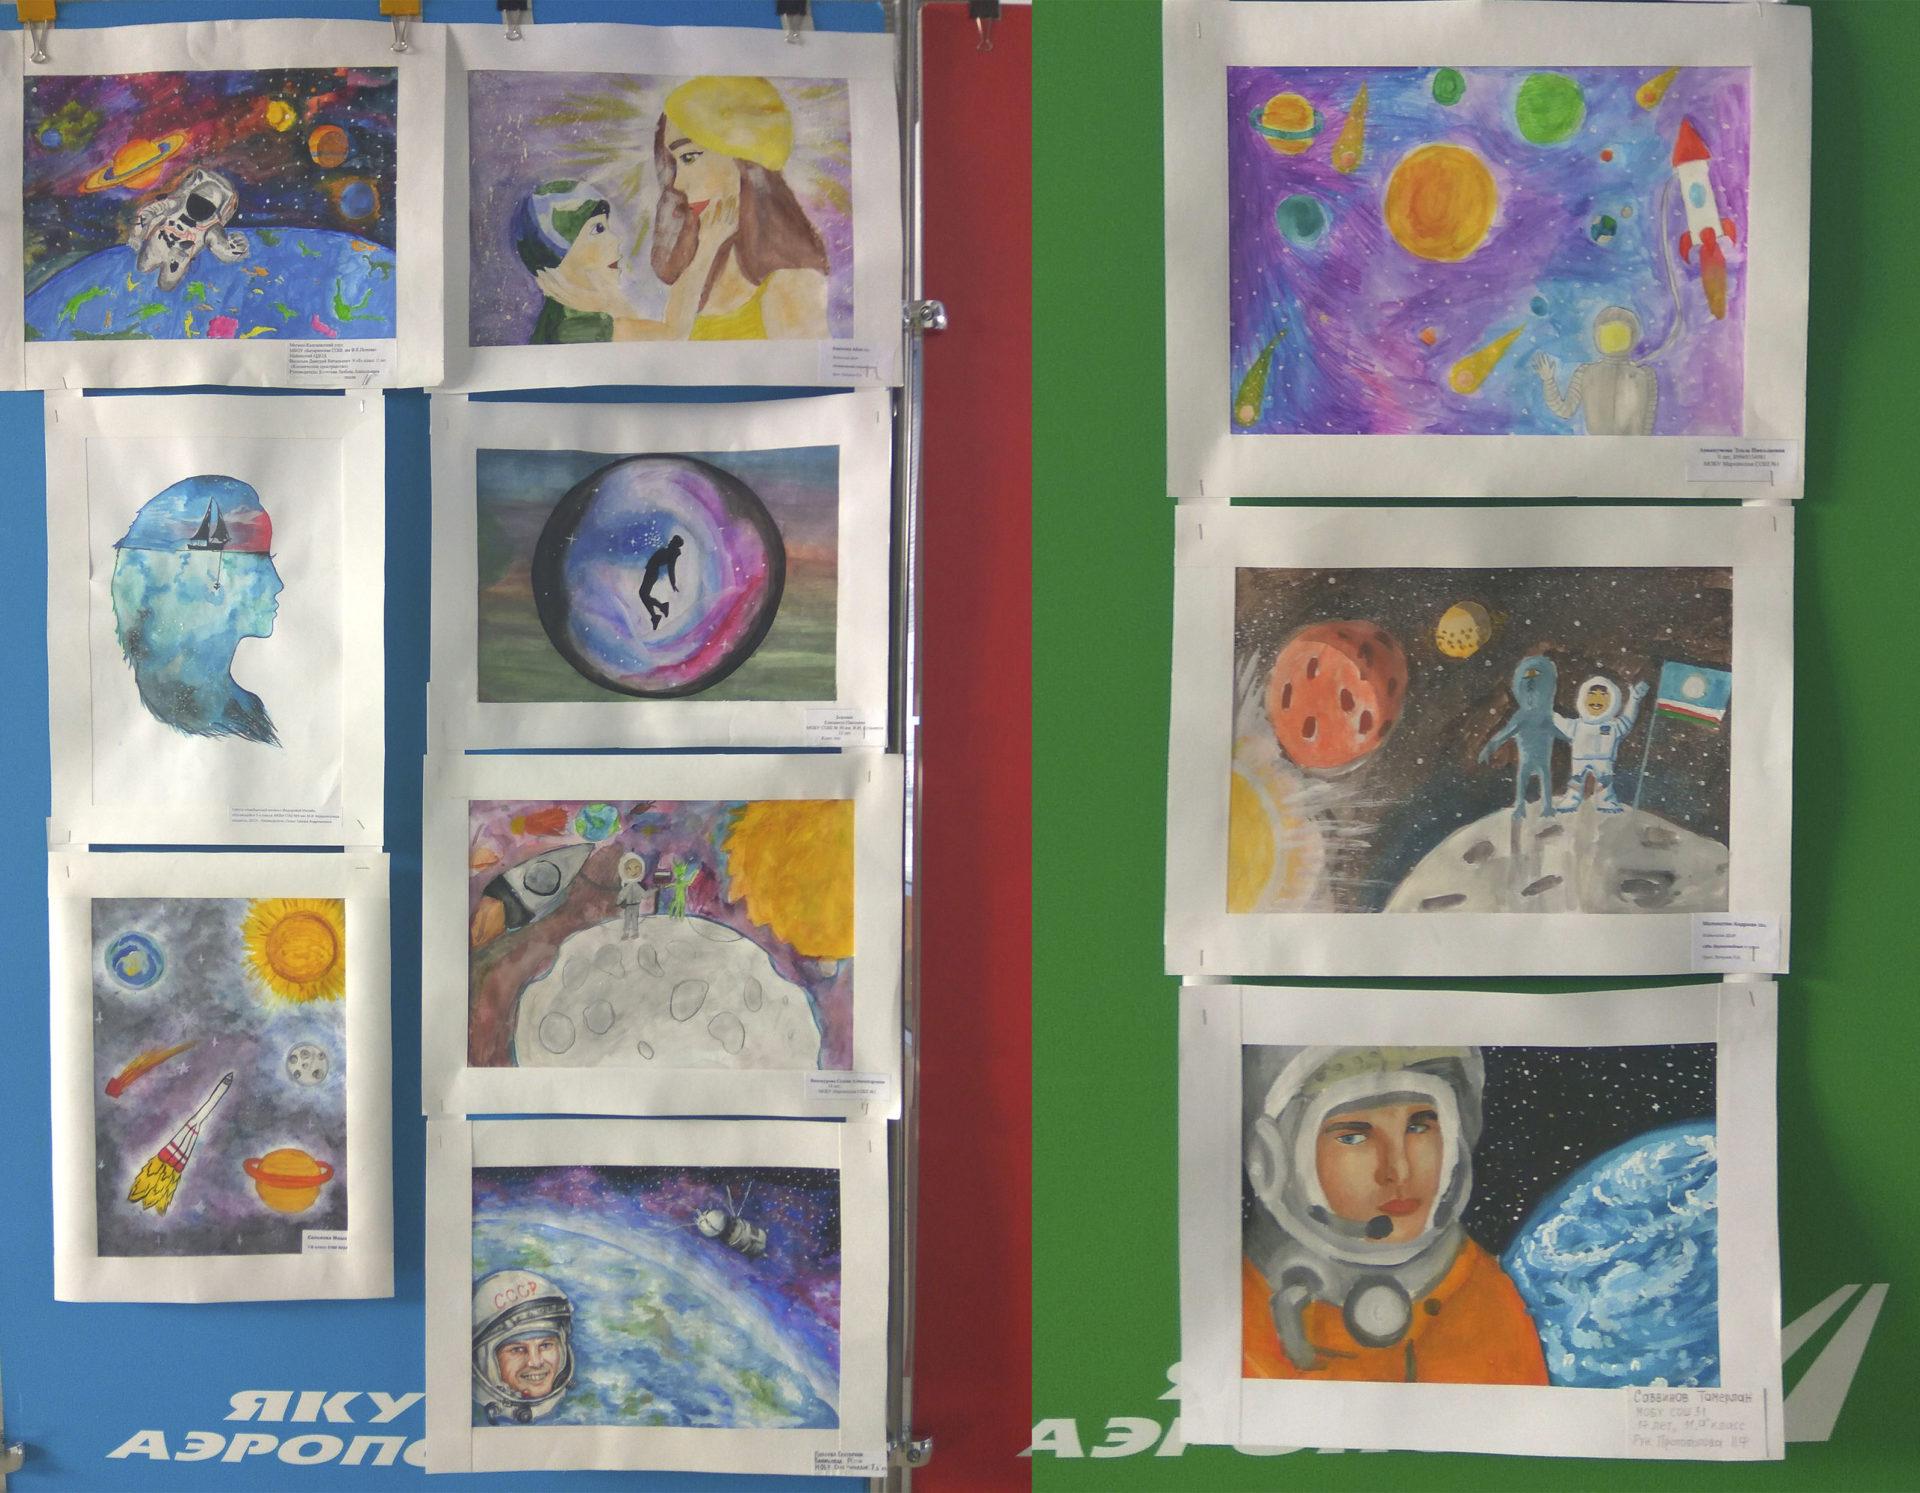 В аэропорту Якутска открылась выставка юных художников